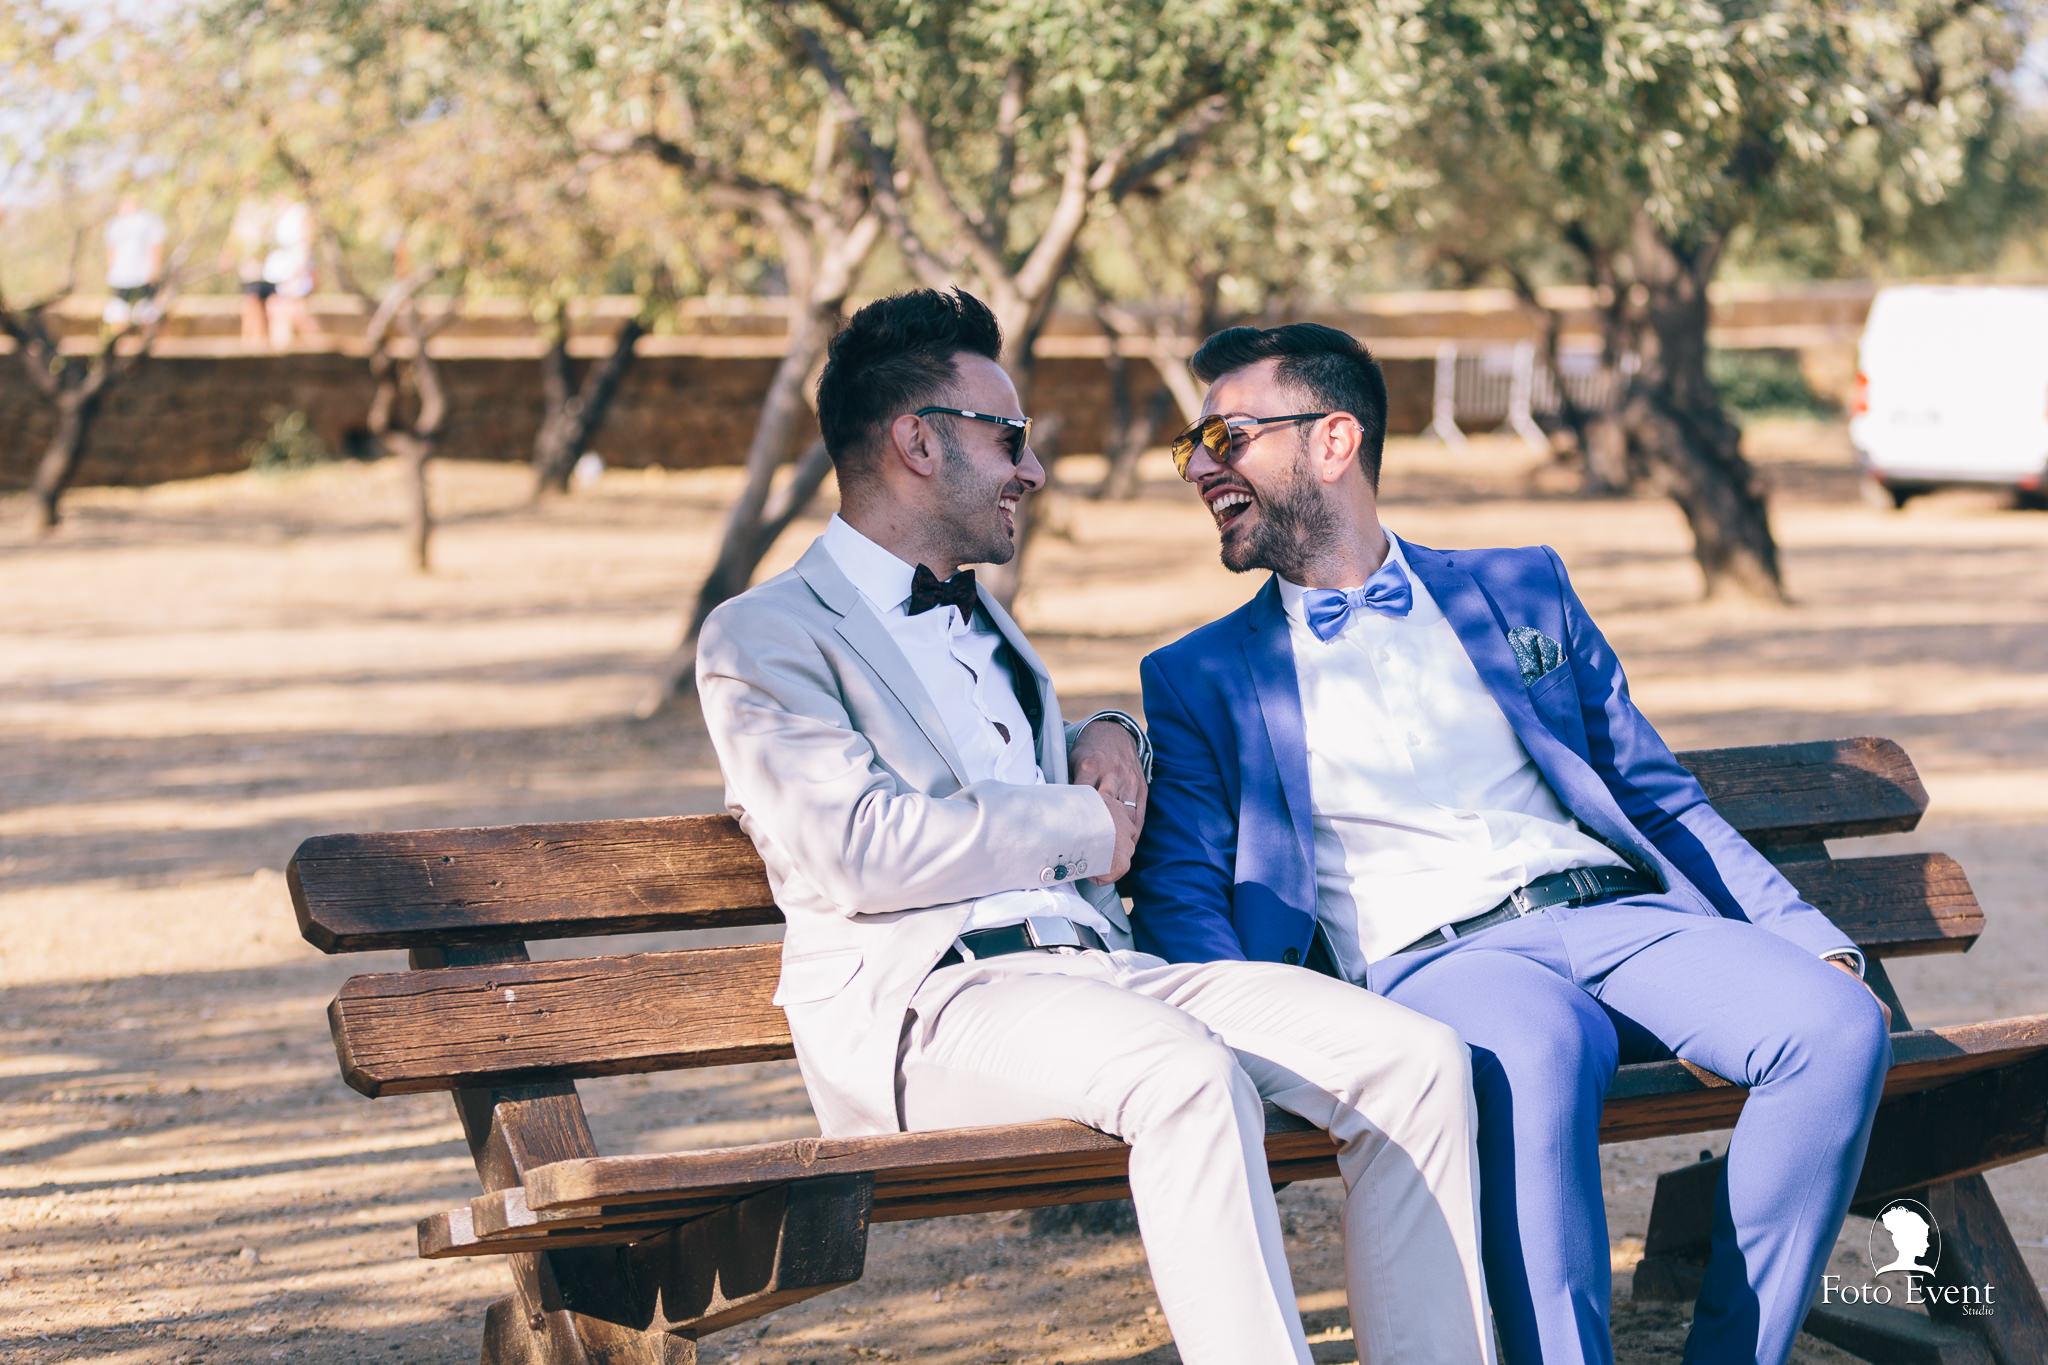 2018-07-26 Engagement Santo Caruso e Lillo Gueli zoom 009